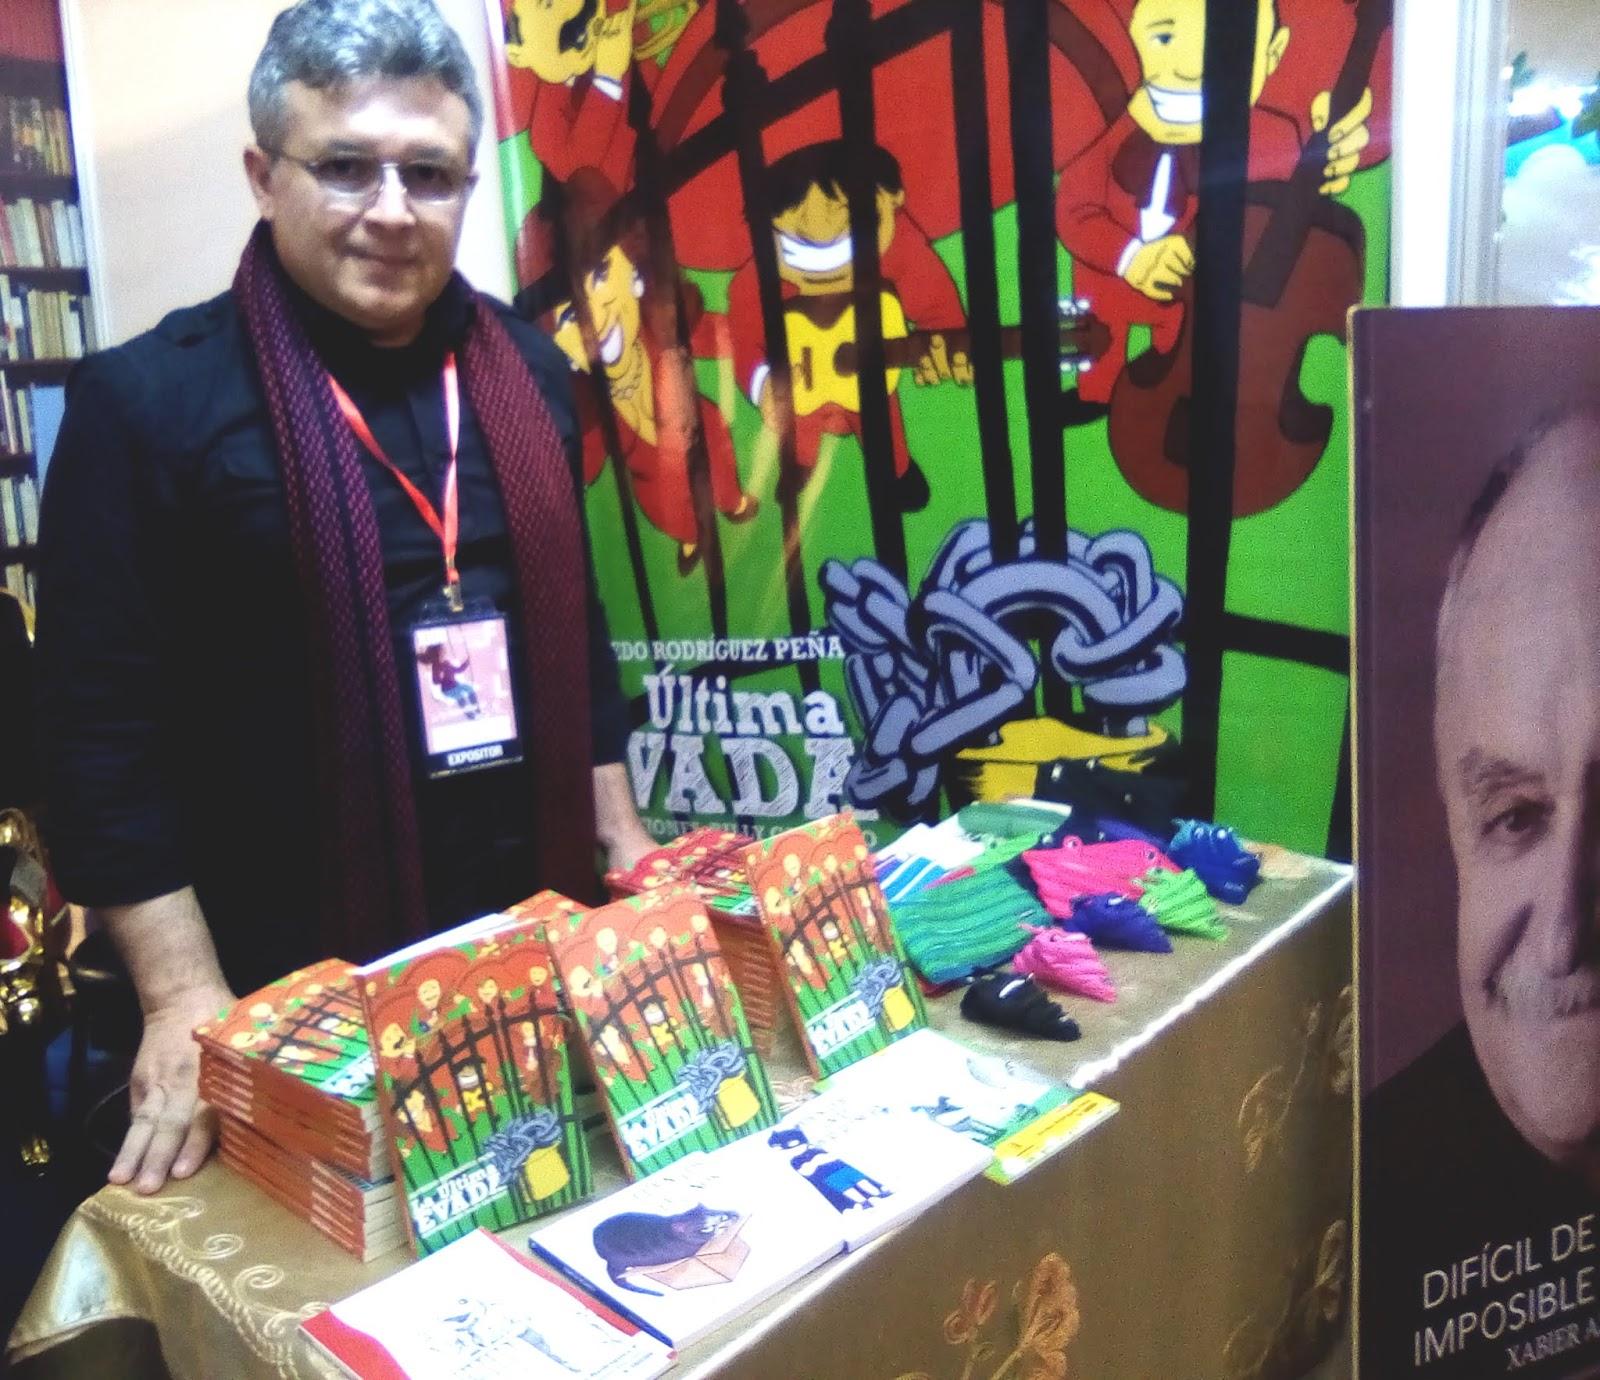 Alfredo Rodríguez está en el segundo piso del bloque amarillo de la FIL, comparte un stand con el extécnico Xabier Azkargorta / VISOR BOLIVIA